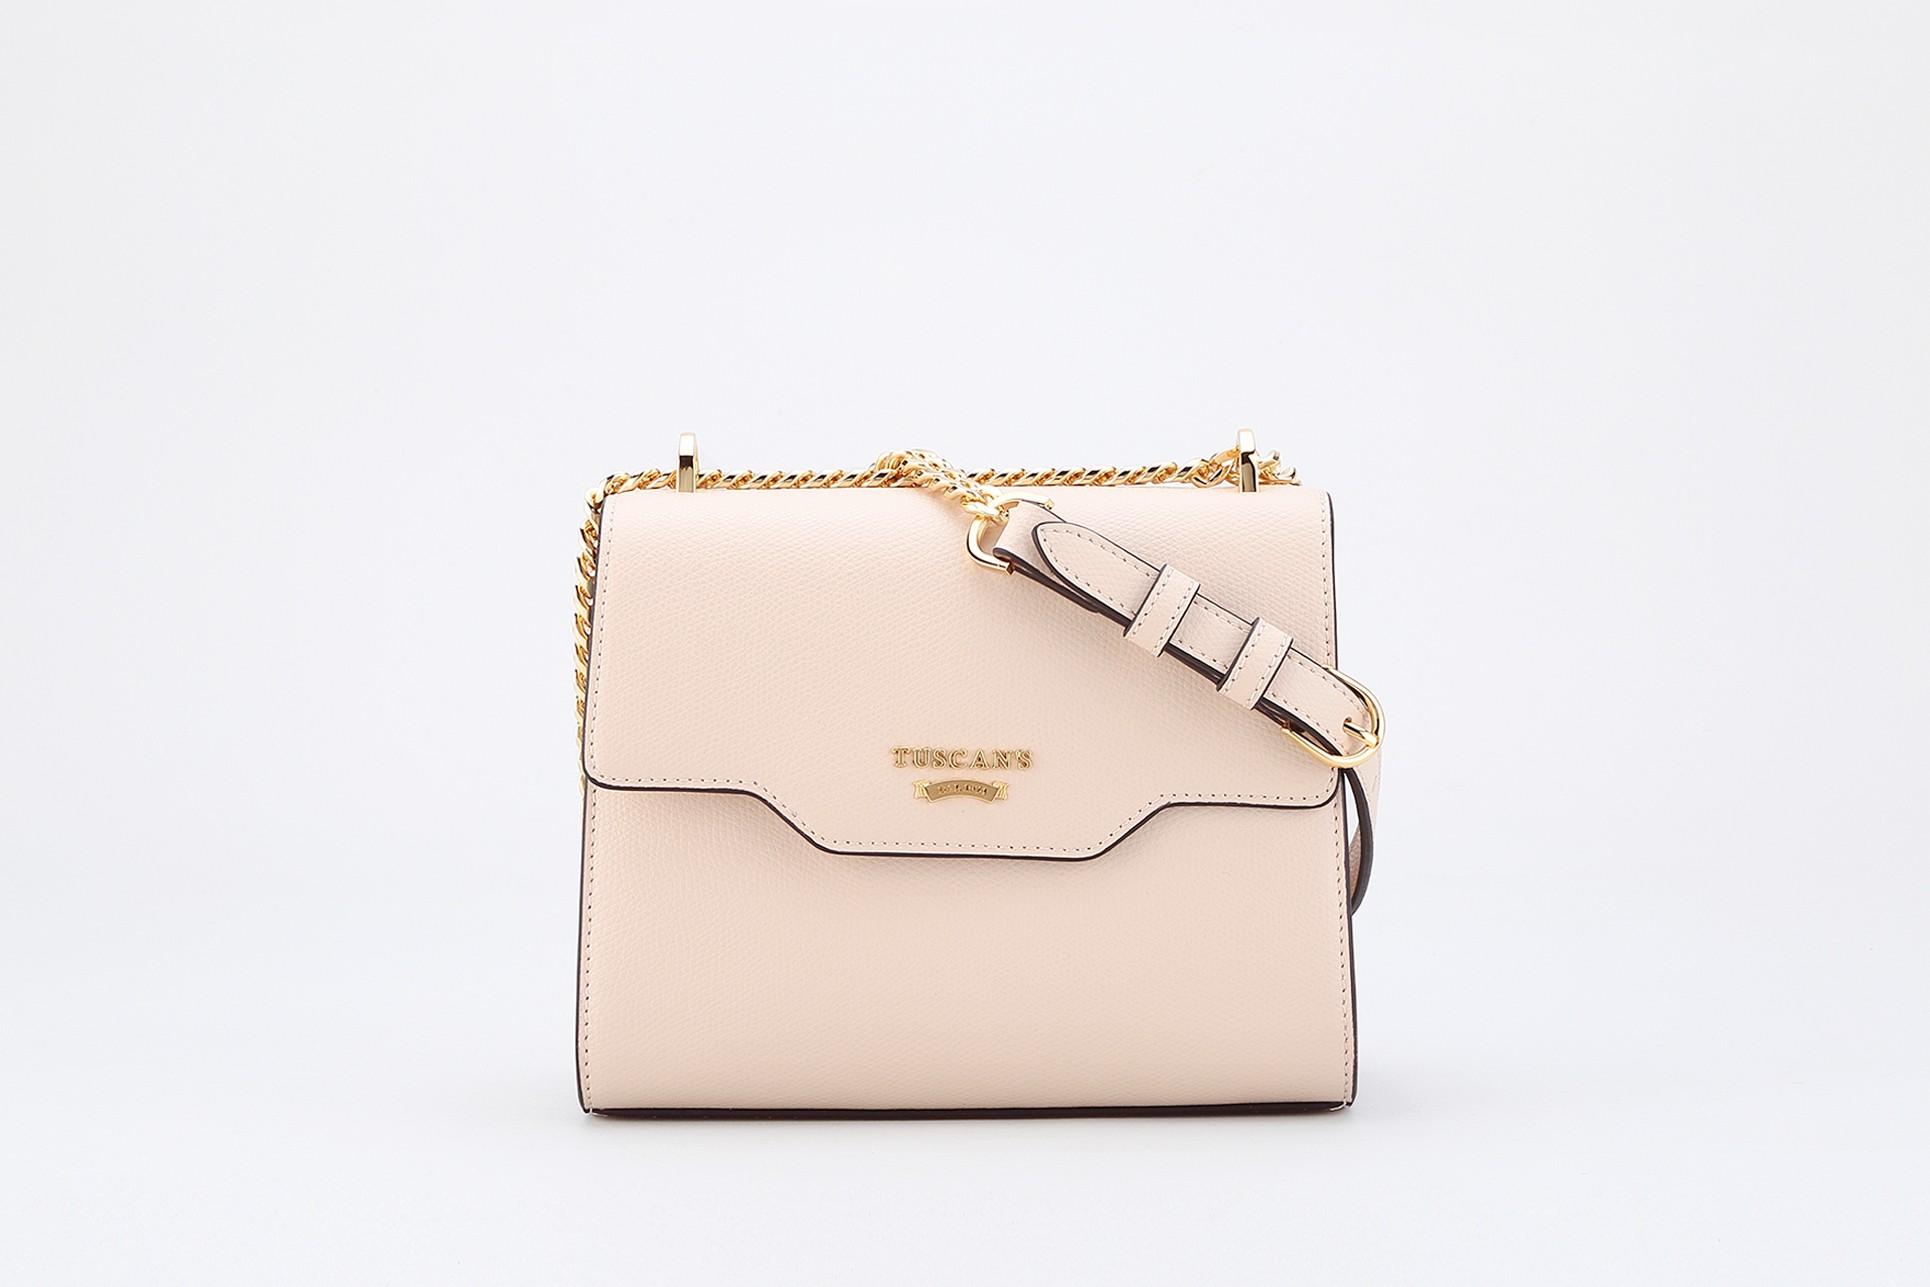 BURANO Flap Bag